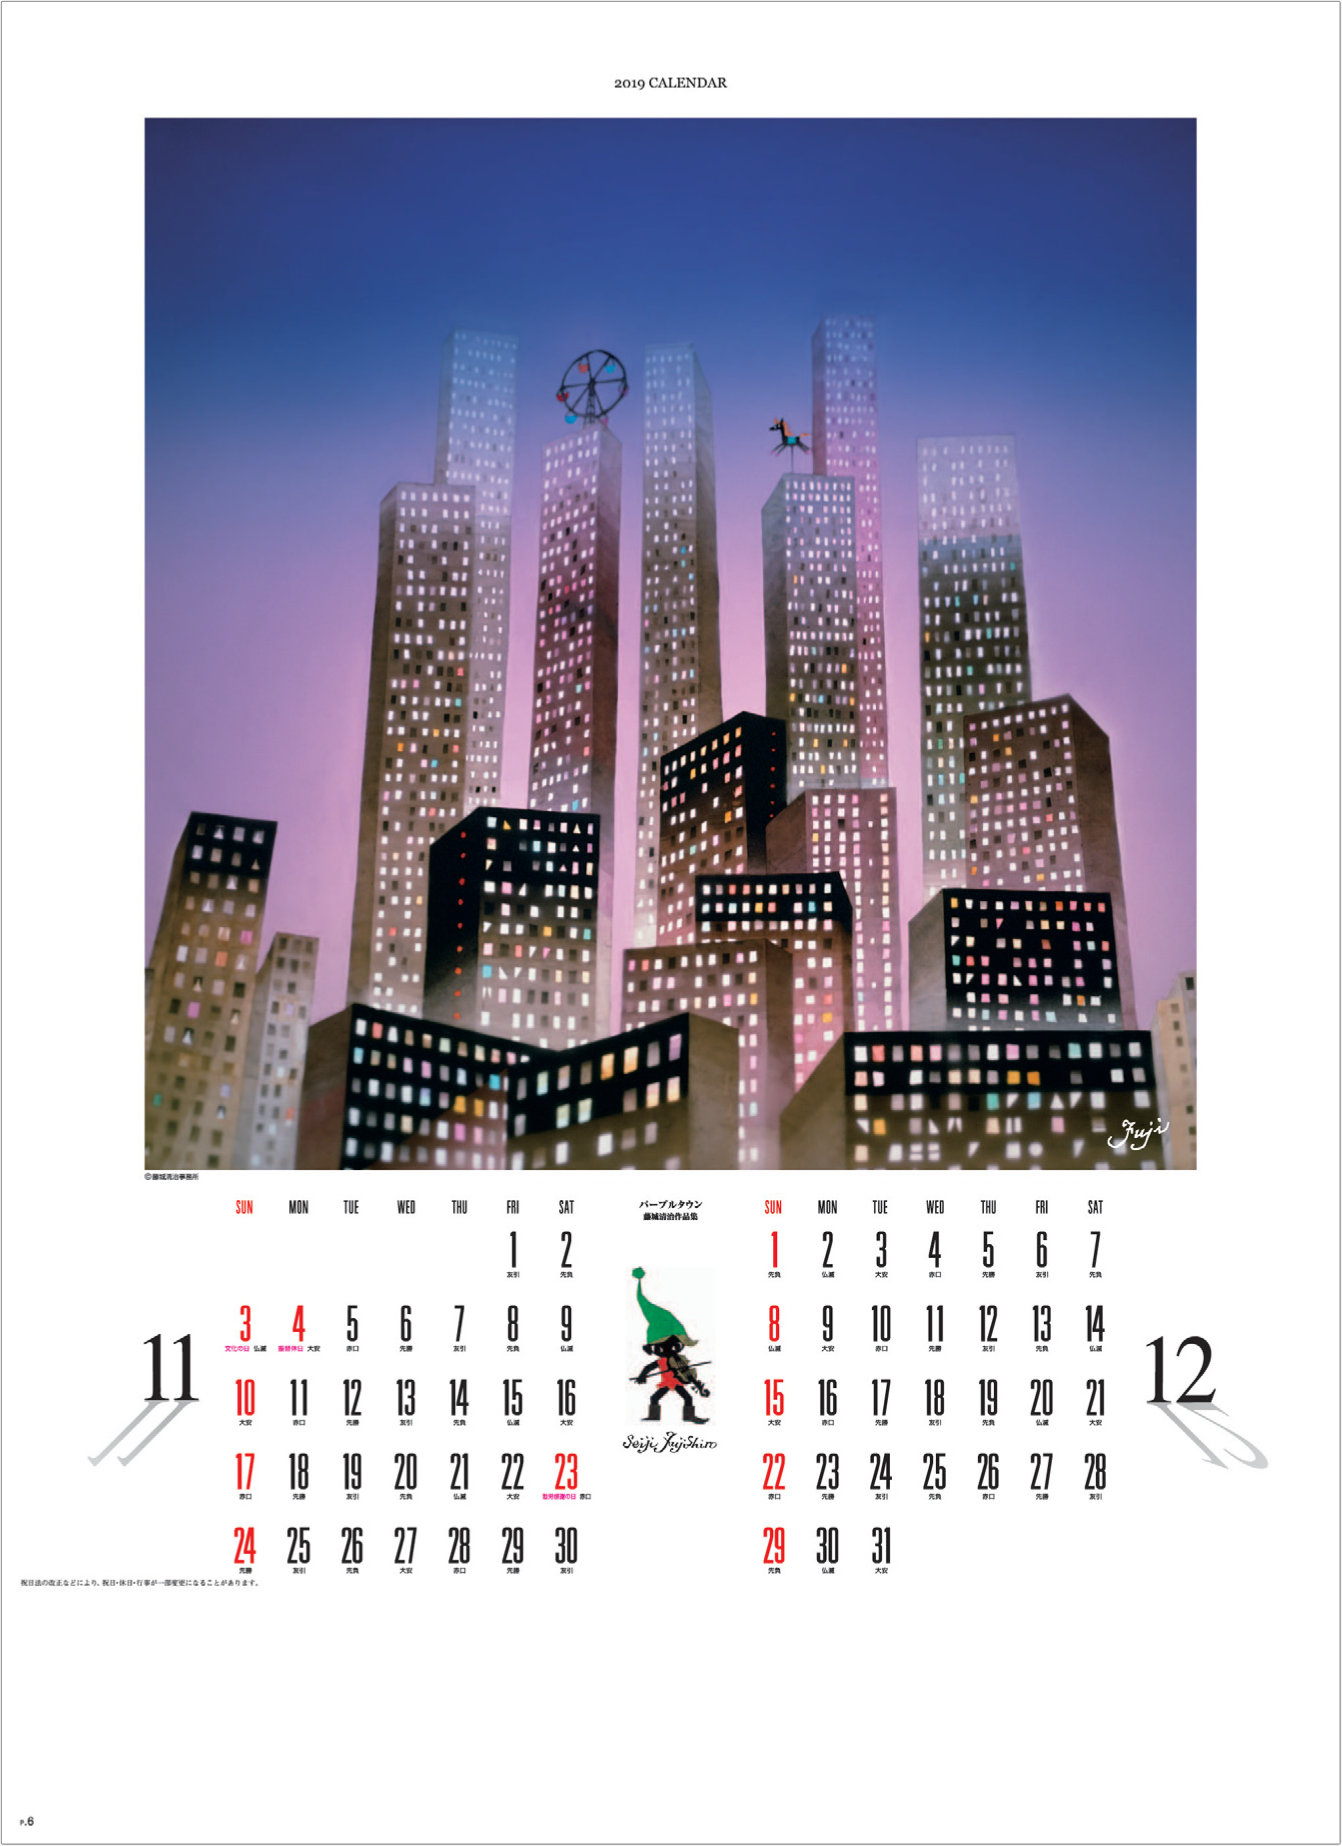 画像:藤城清治作品「パープルタウン」 遠い日の風景から(影絵)  藤城清治 2019年カレンダー